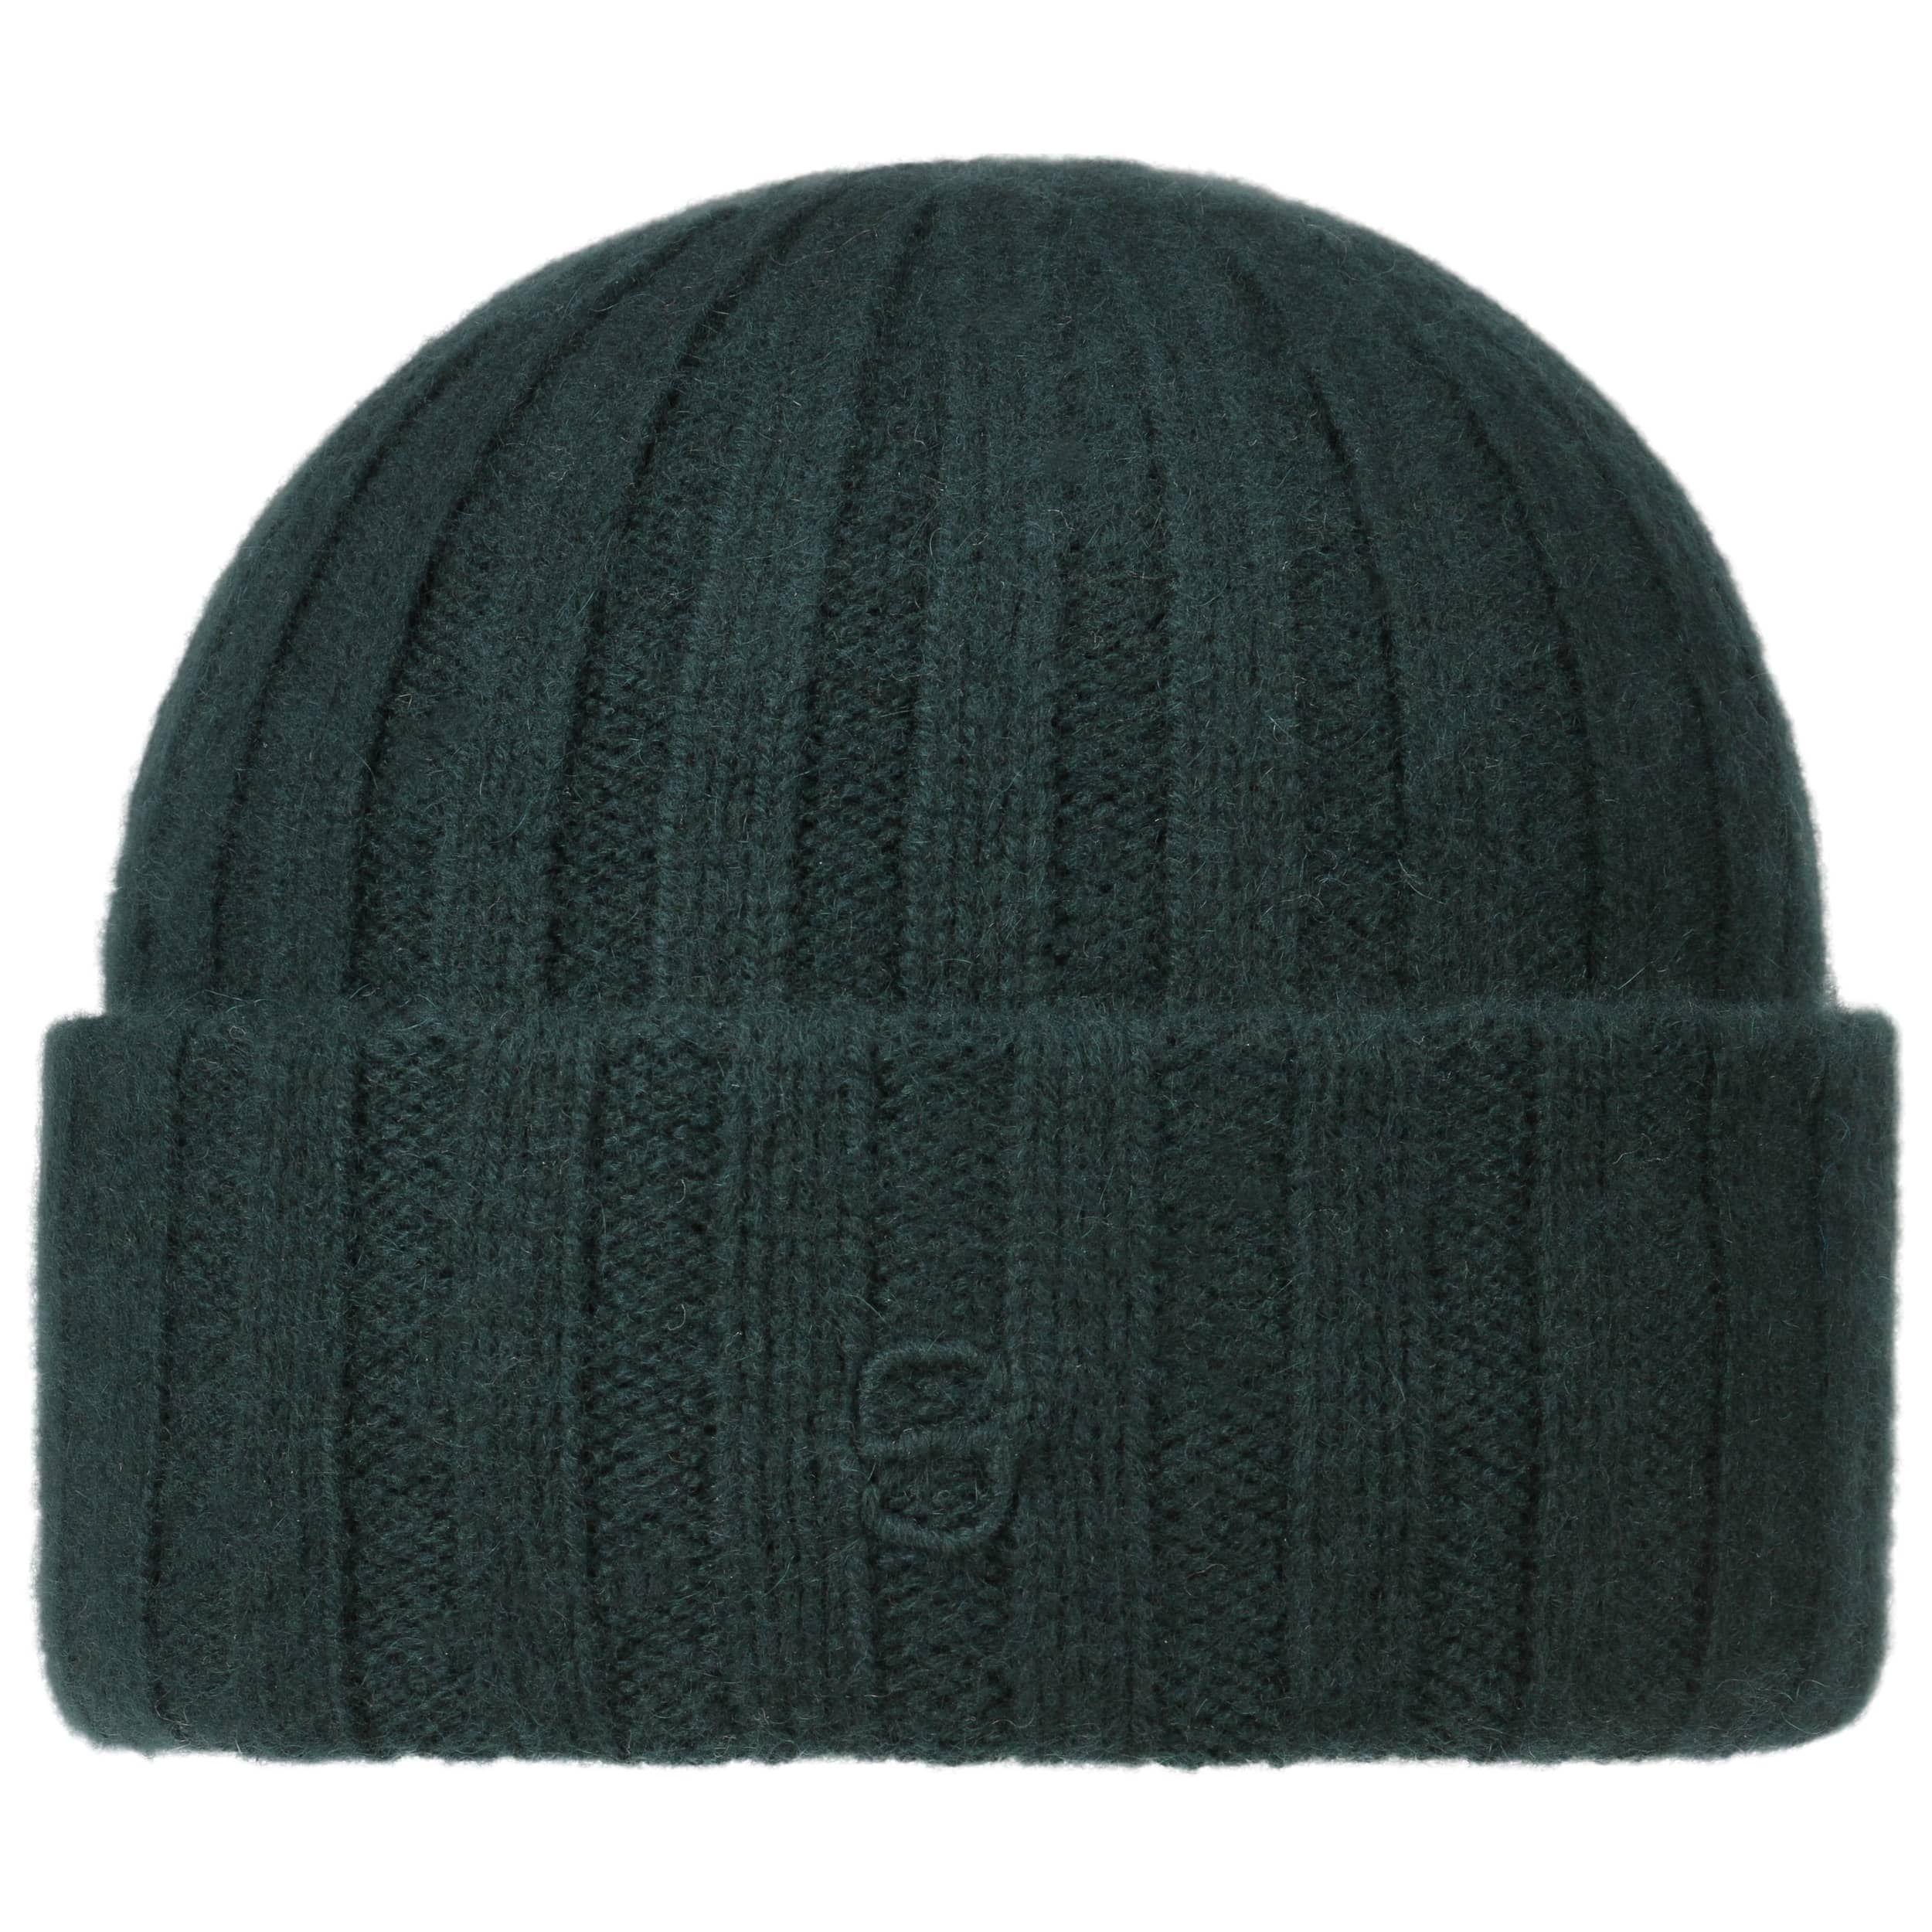 Surth Cashmere Knit Hat dark green